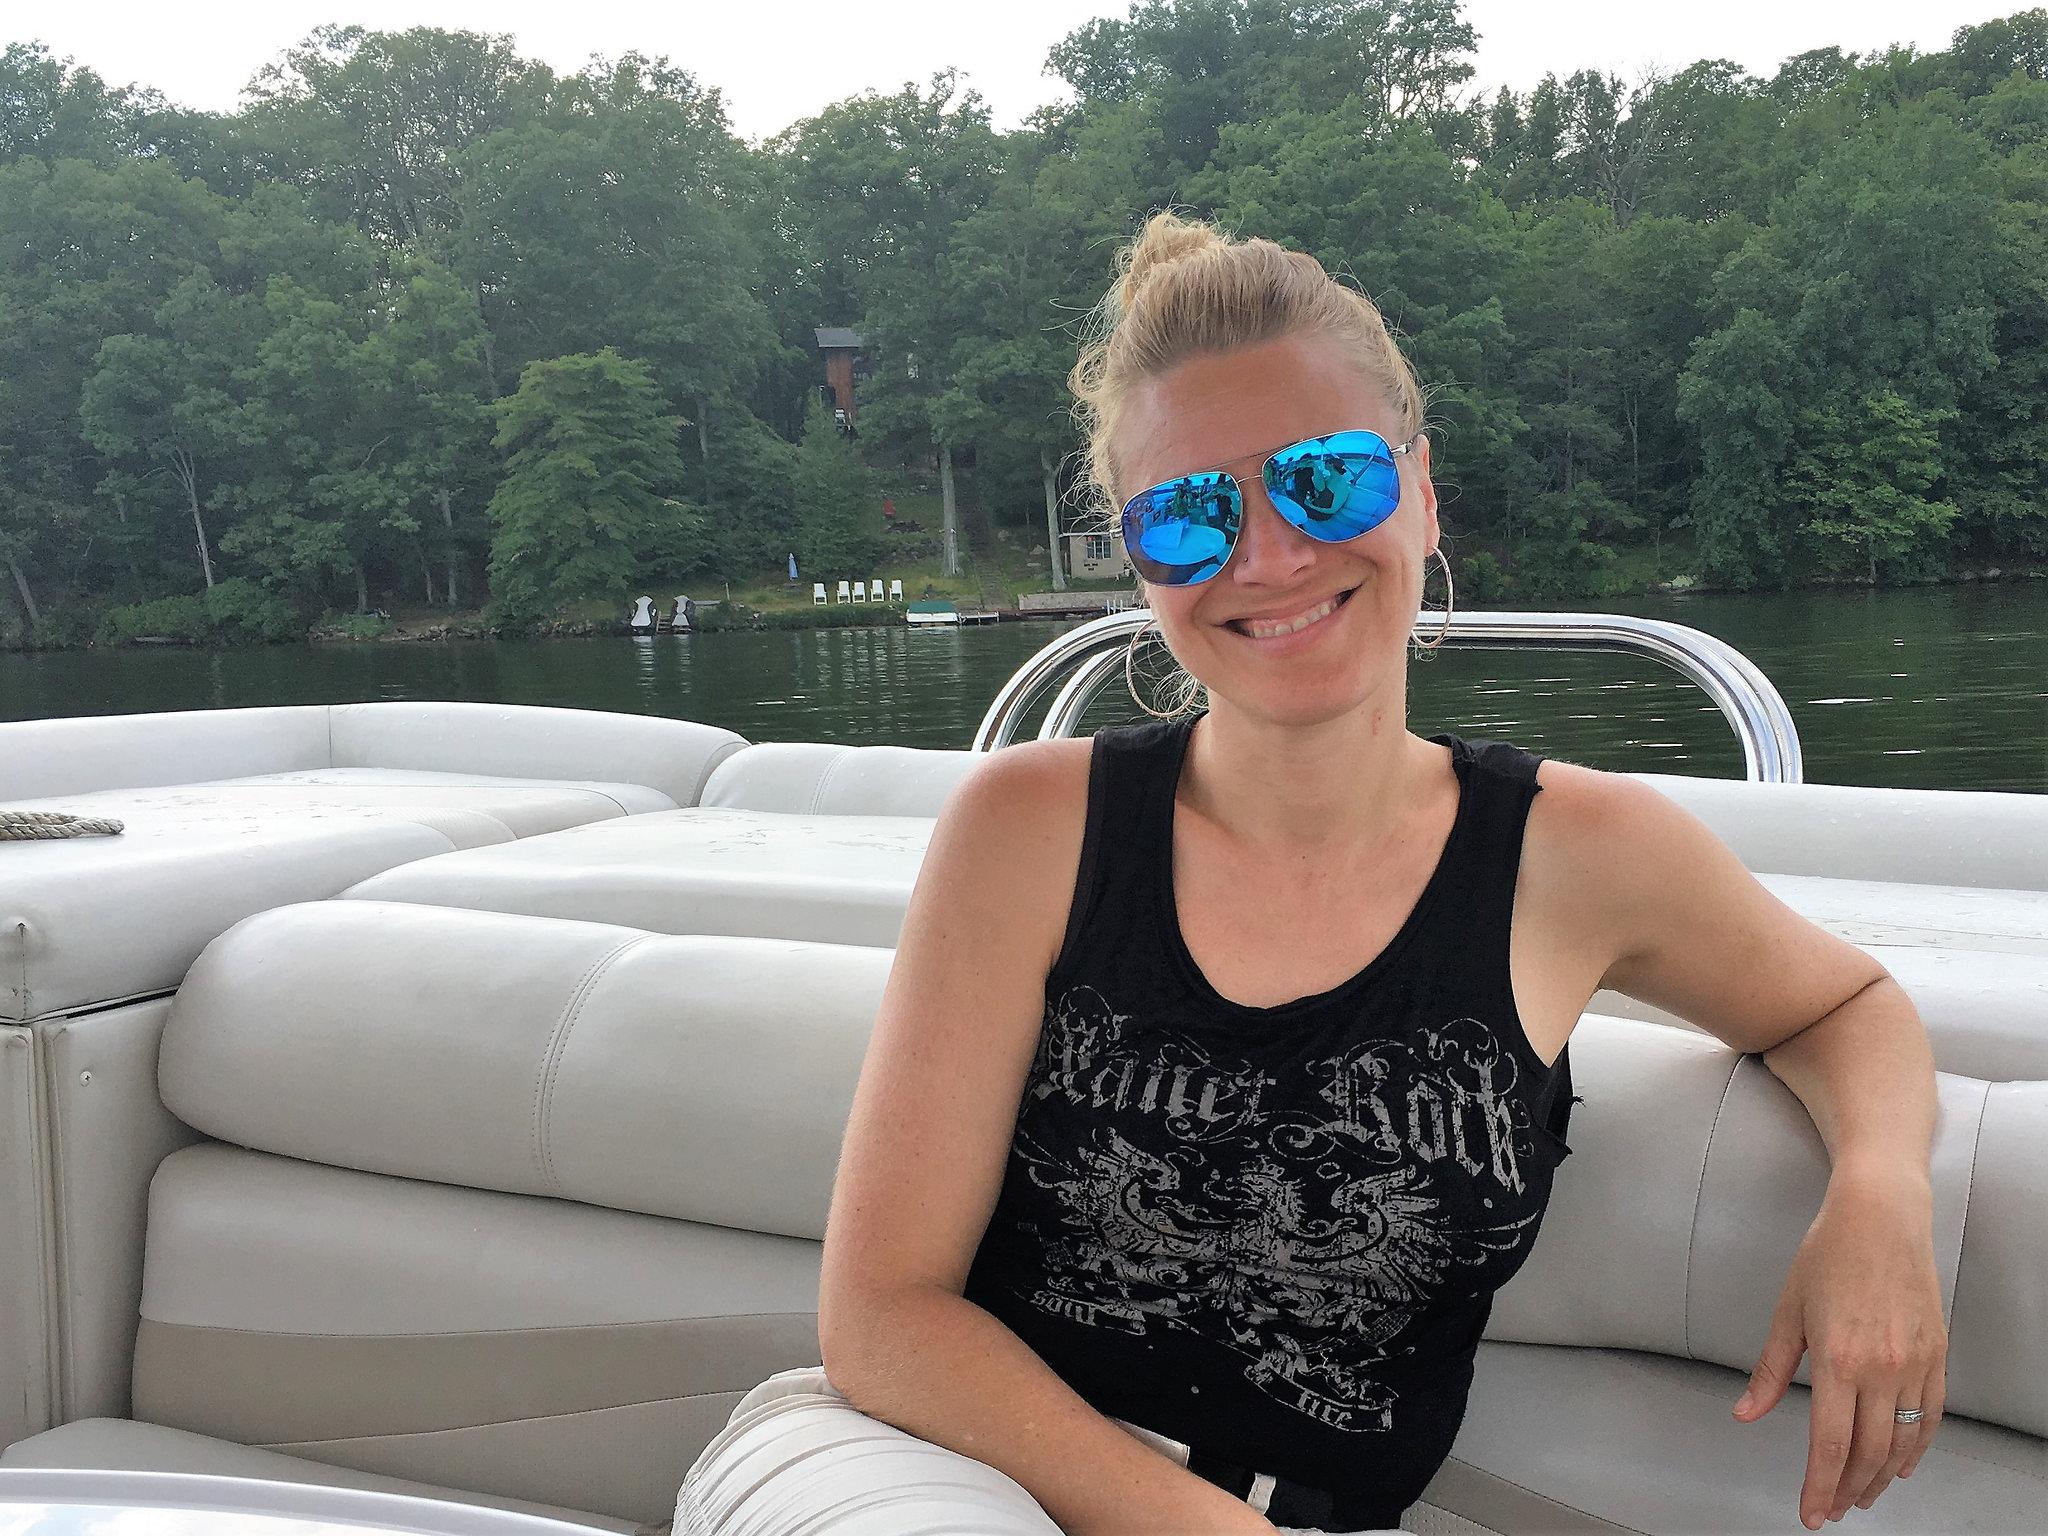 Discount Sunglasses Online - Glasses Shop